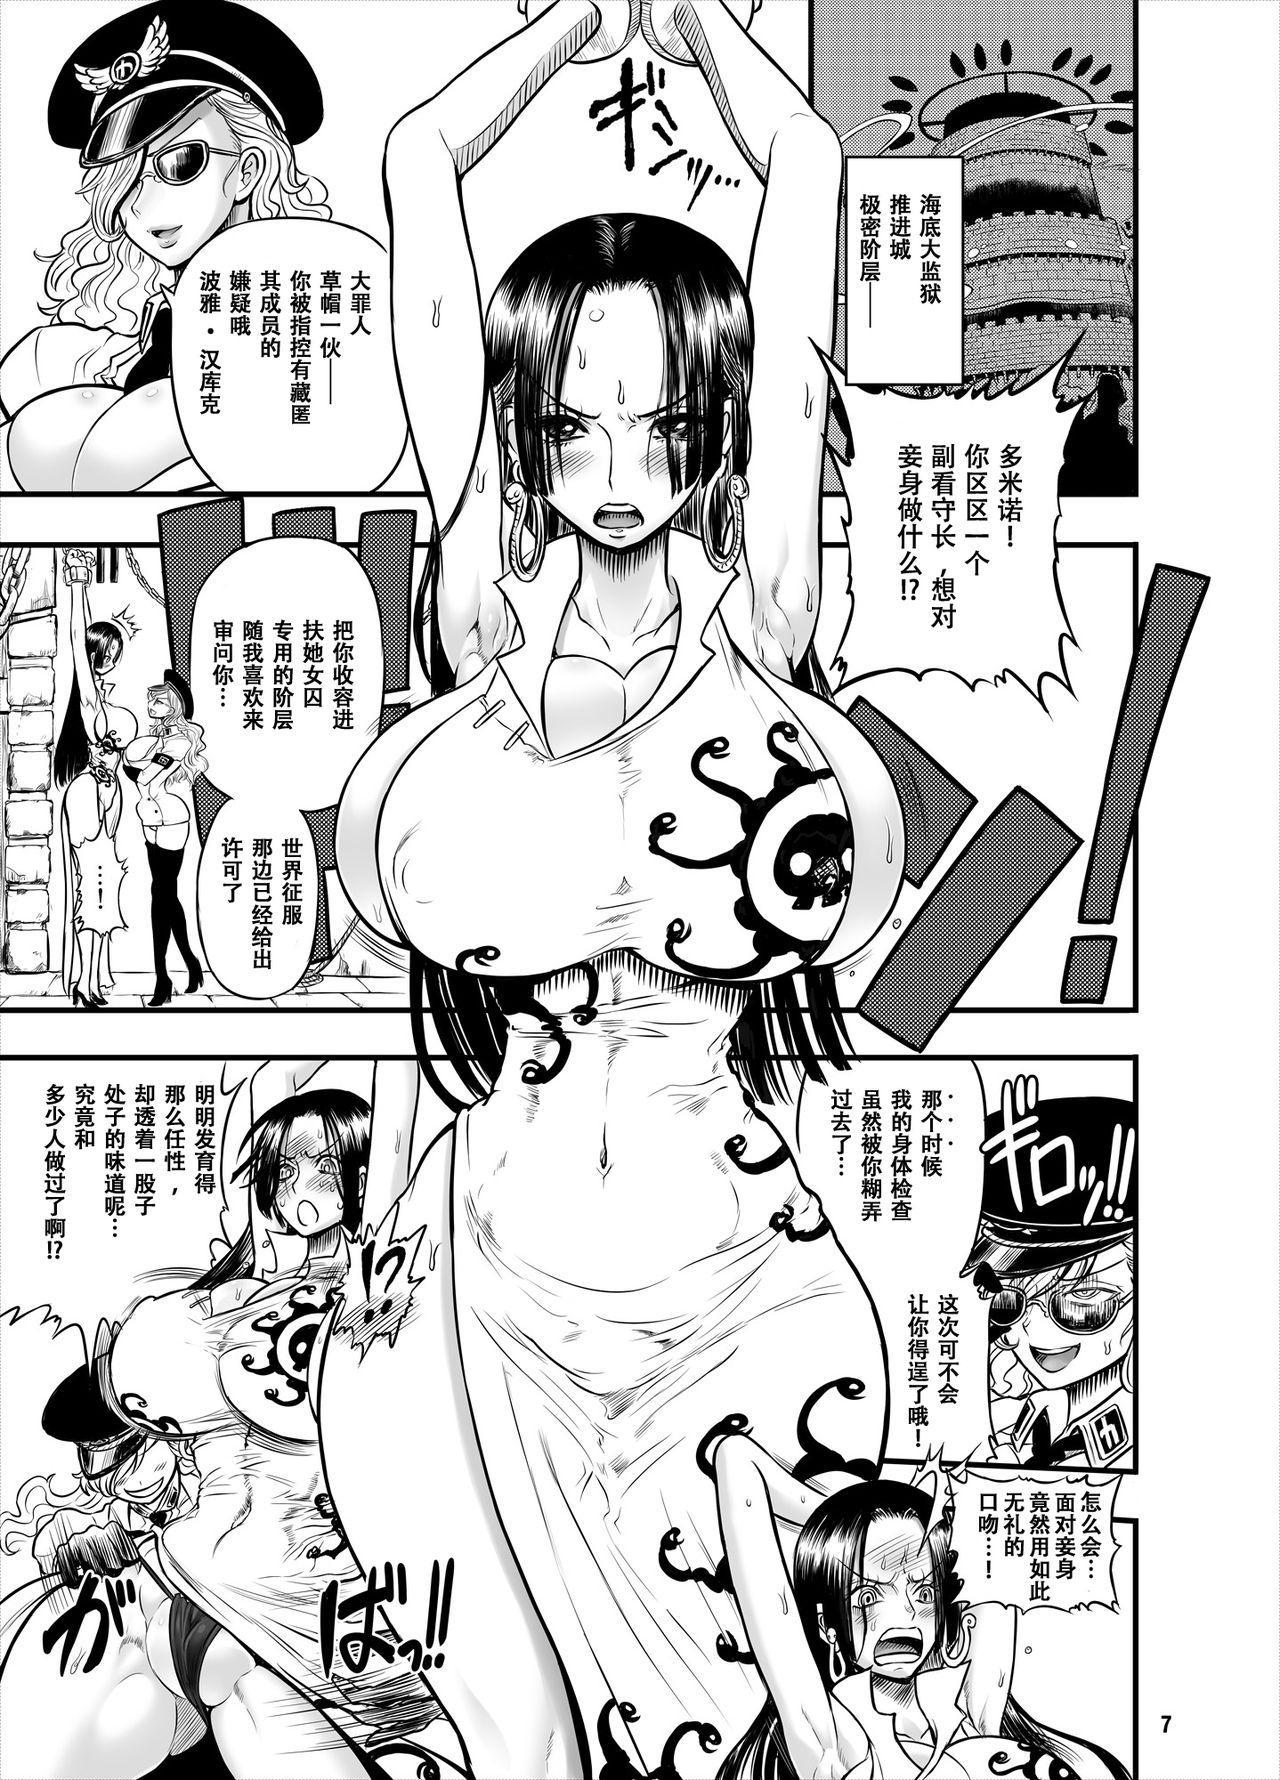 Midarezaki Kaizoku Jotei 6